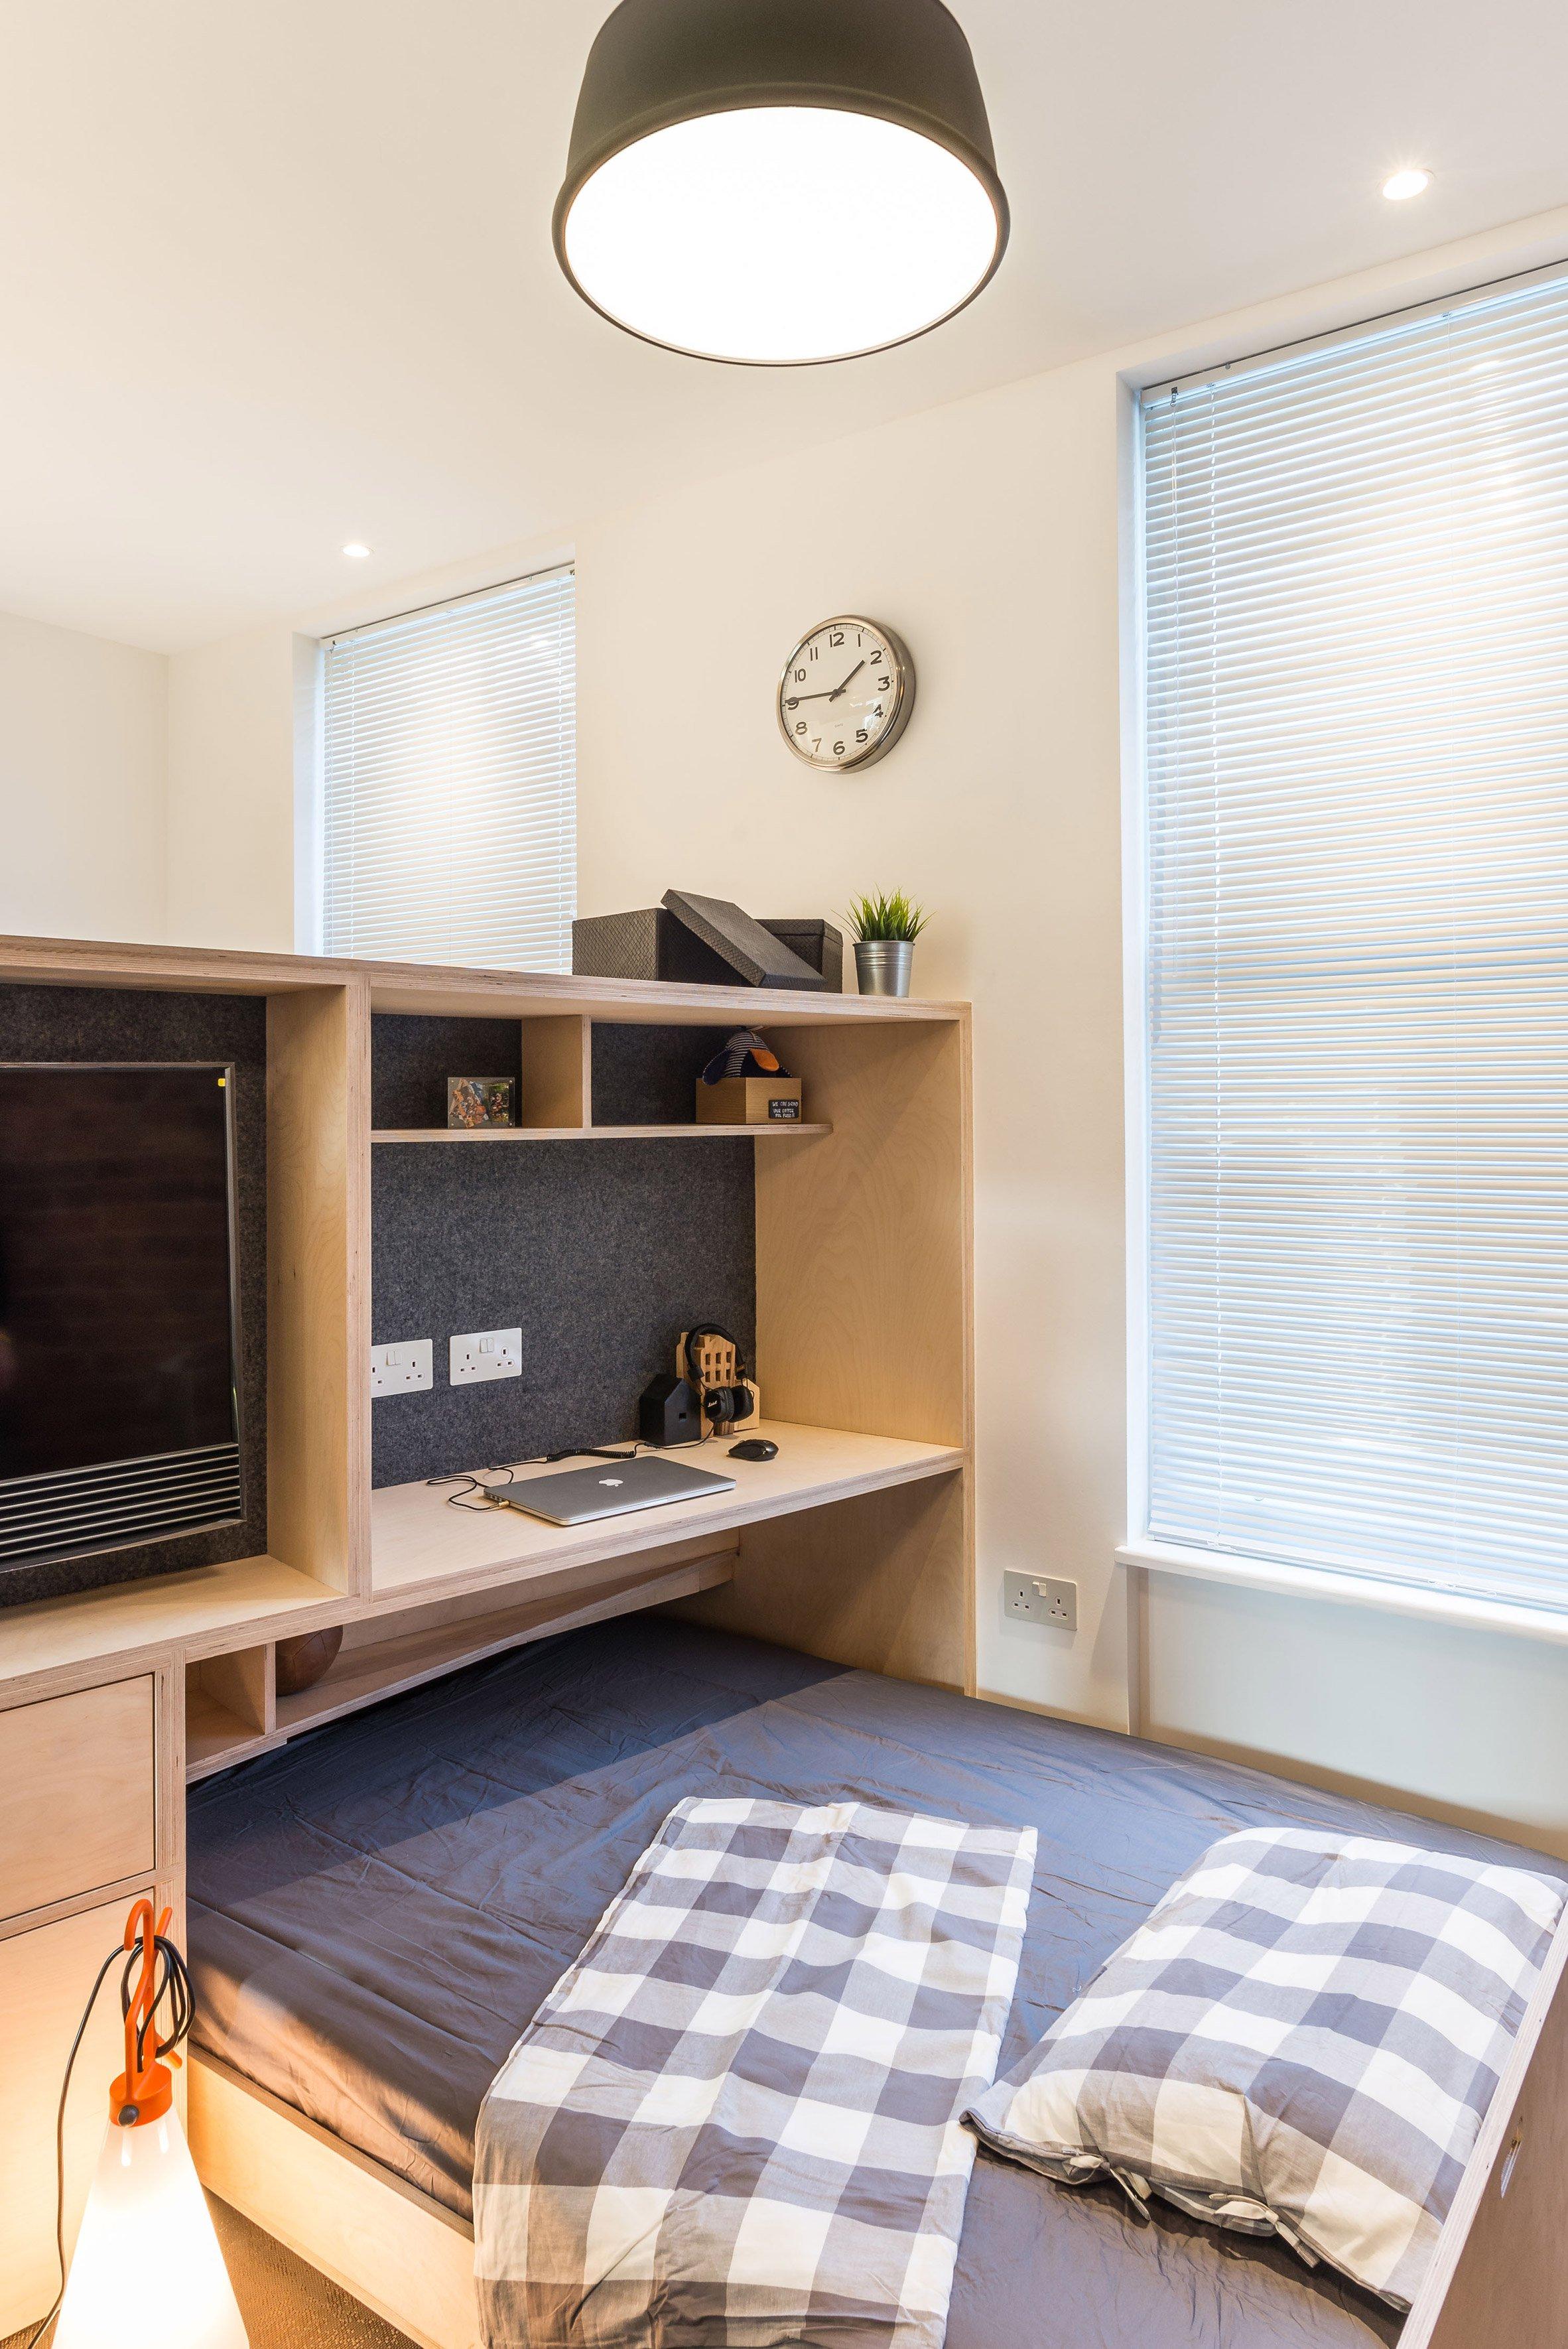 Twee slaapkamers in een klein studio appartement van 35m2, kan dat?